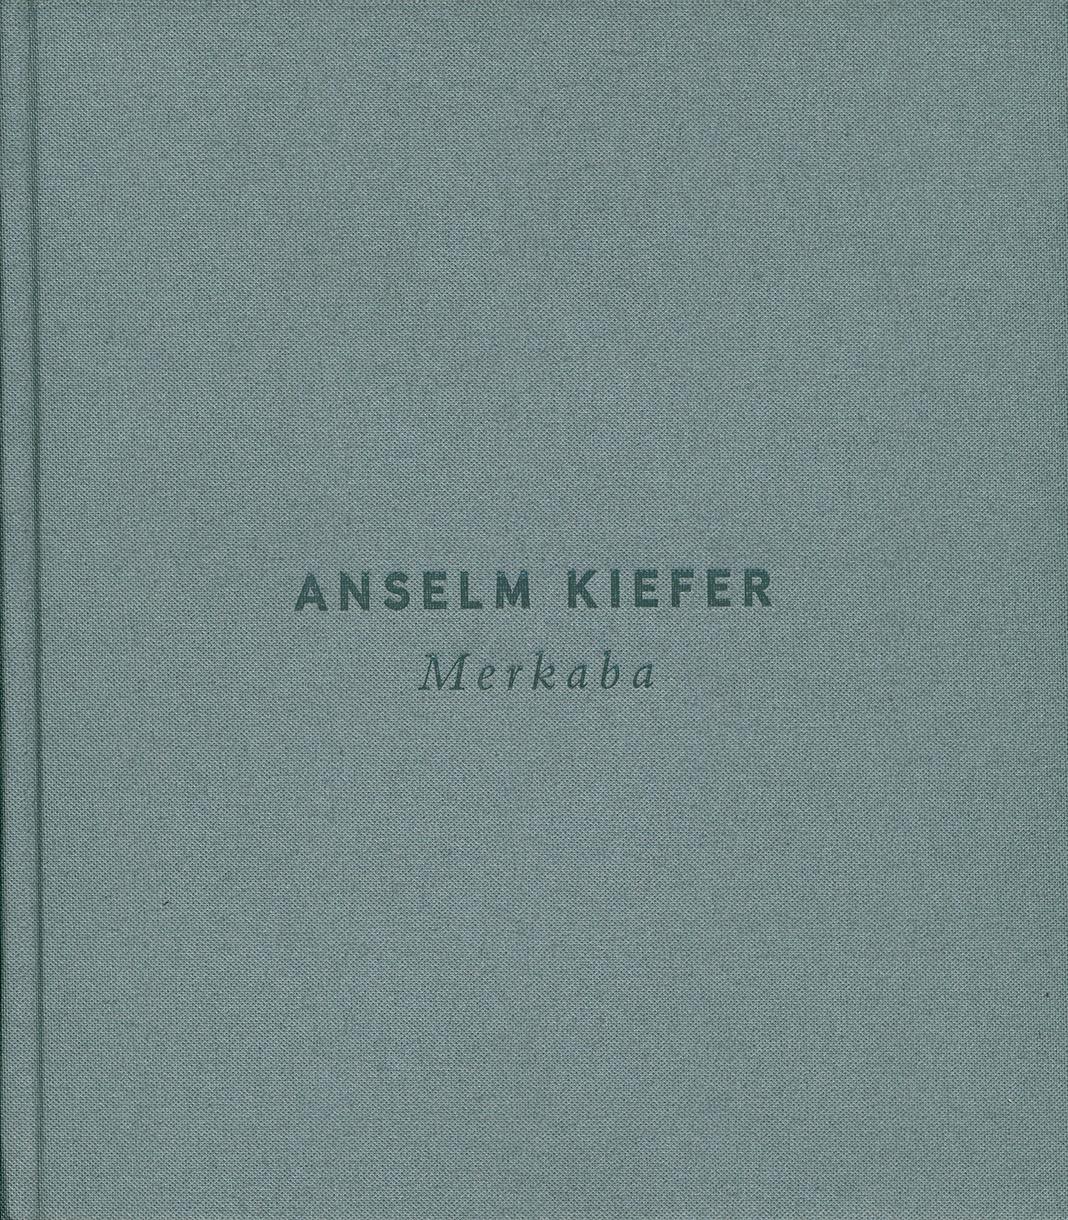 Kiefer_Merkaba_2002.jpg